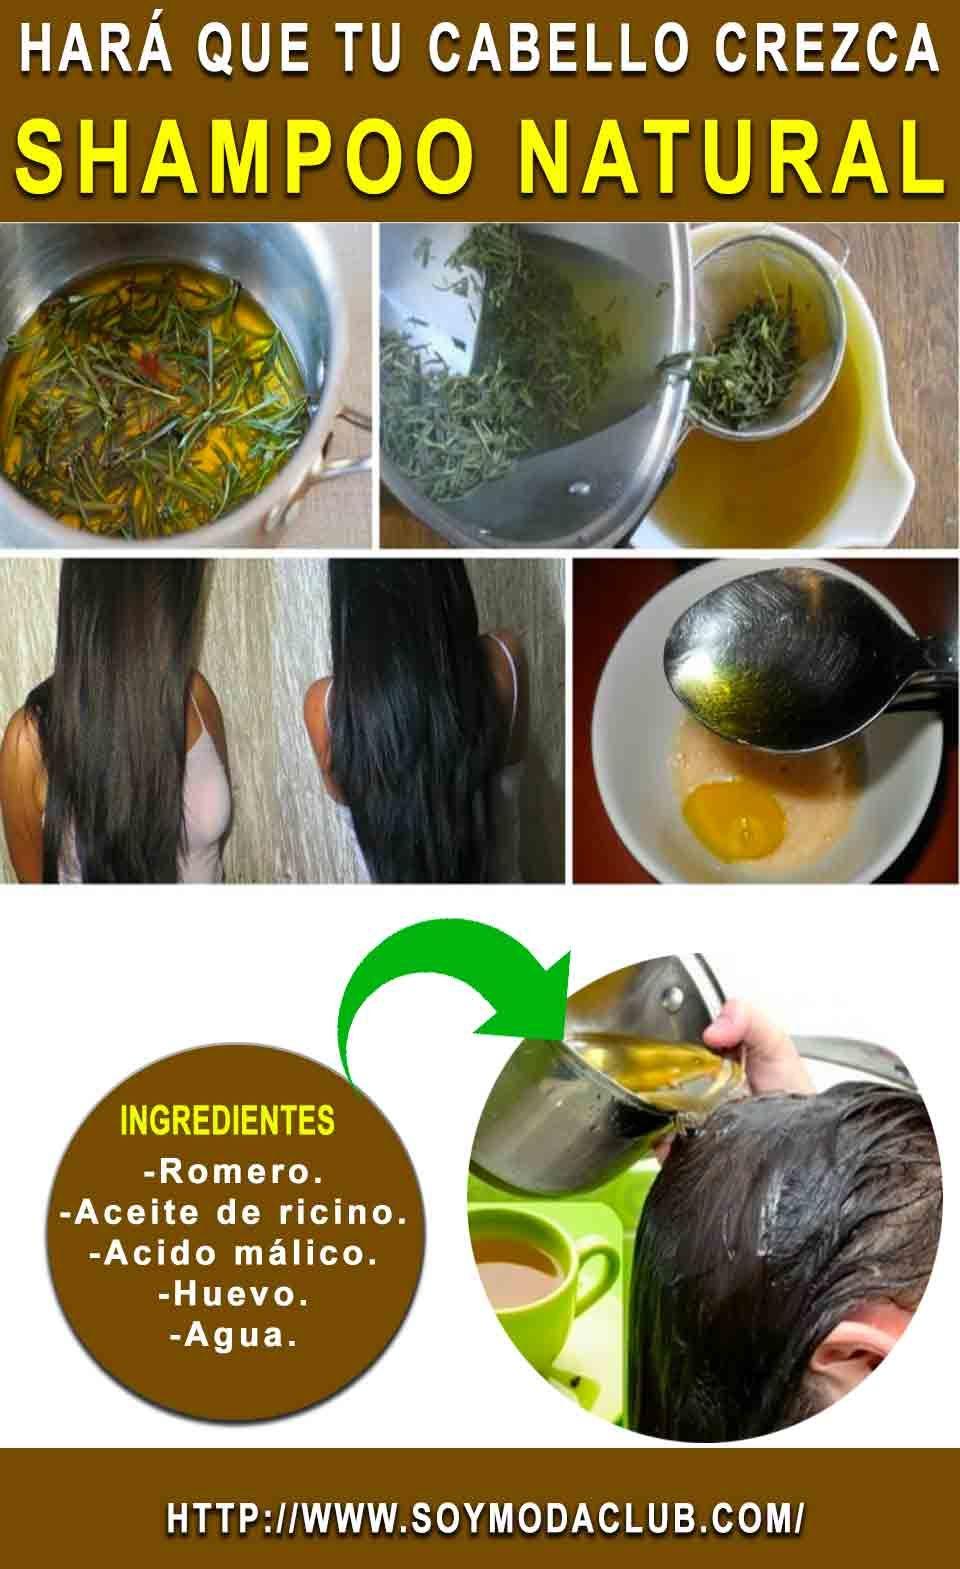 Shampoo Natural Hará Que Tu Cabello Crezca Como Loco Quedara Brillante Y Con Volumen Soy Moda Natural Shampoo Beauty Care Shampoo